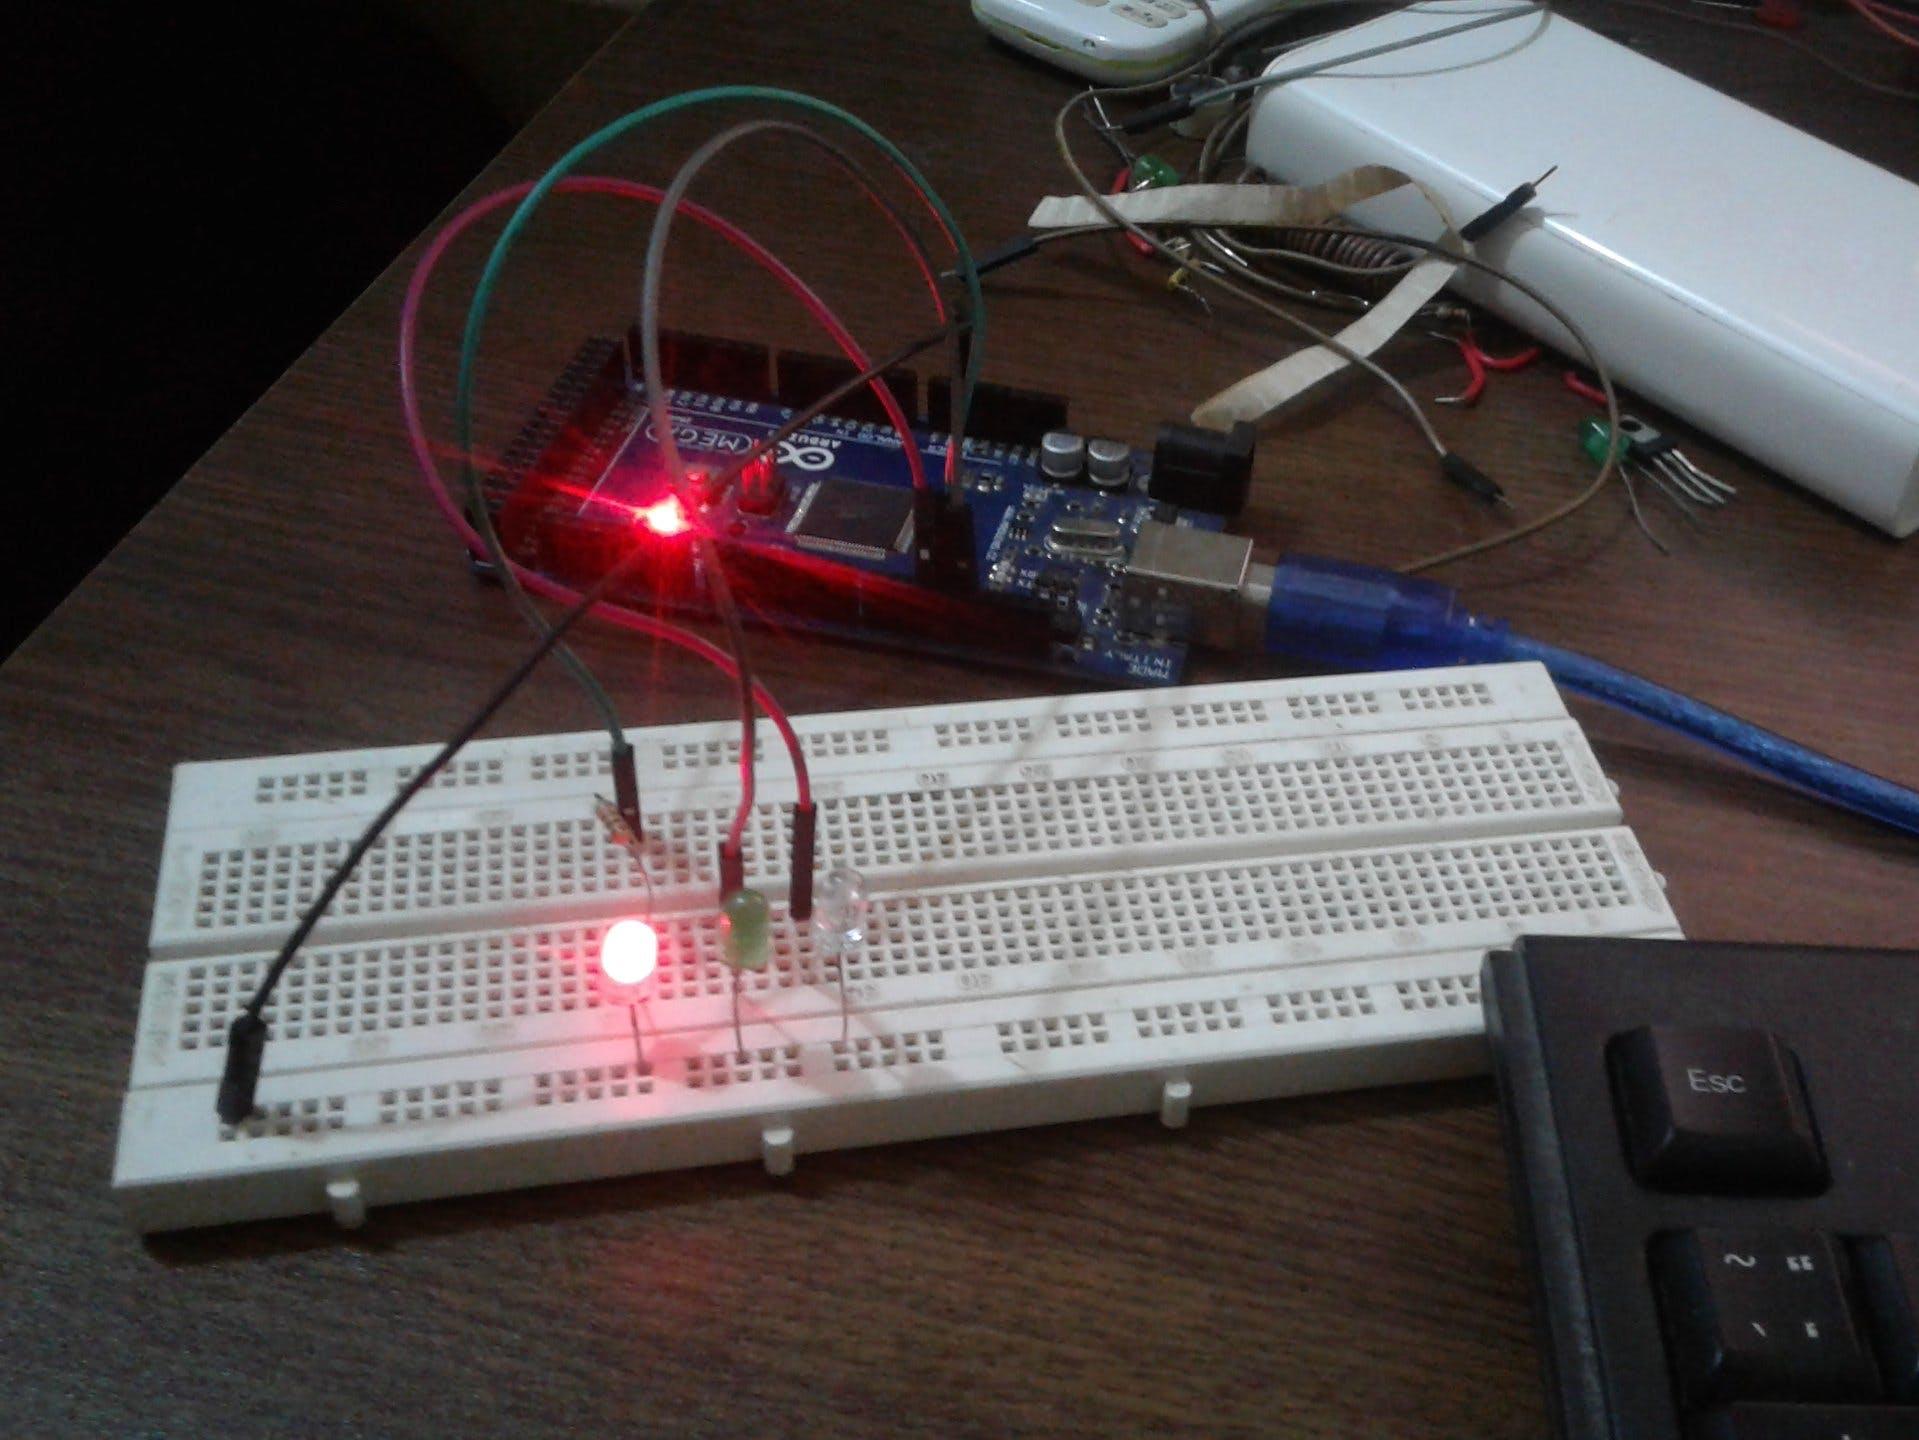 LED Blinking with Arduino MEGA 2560